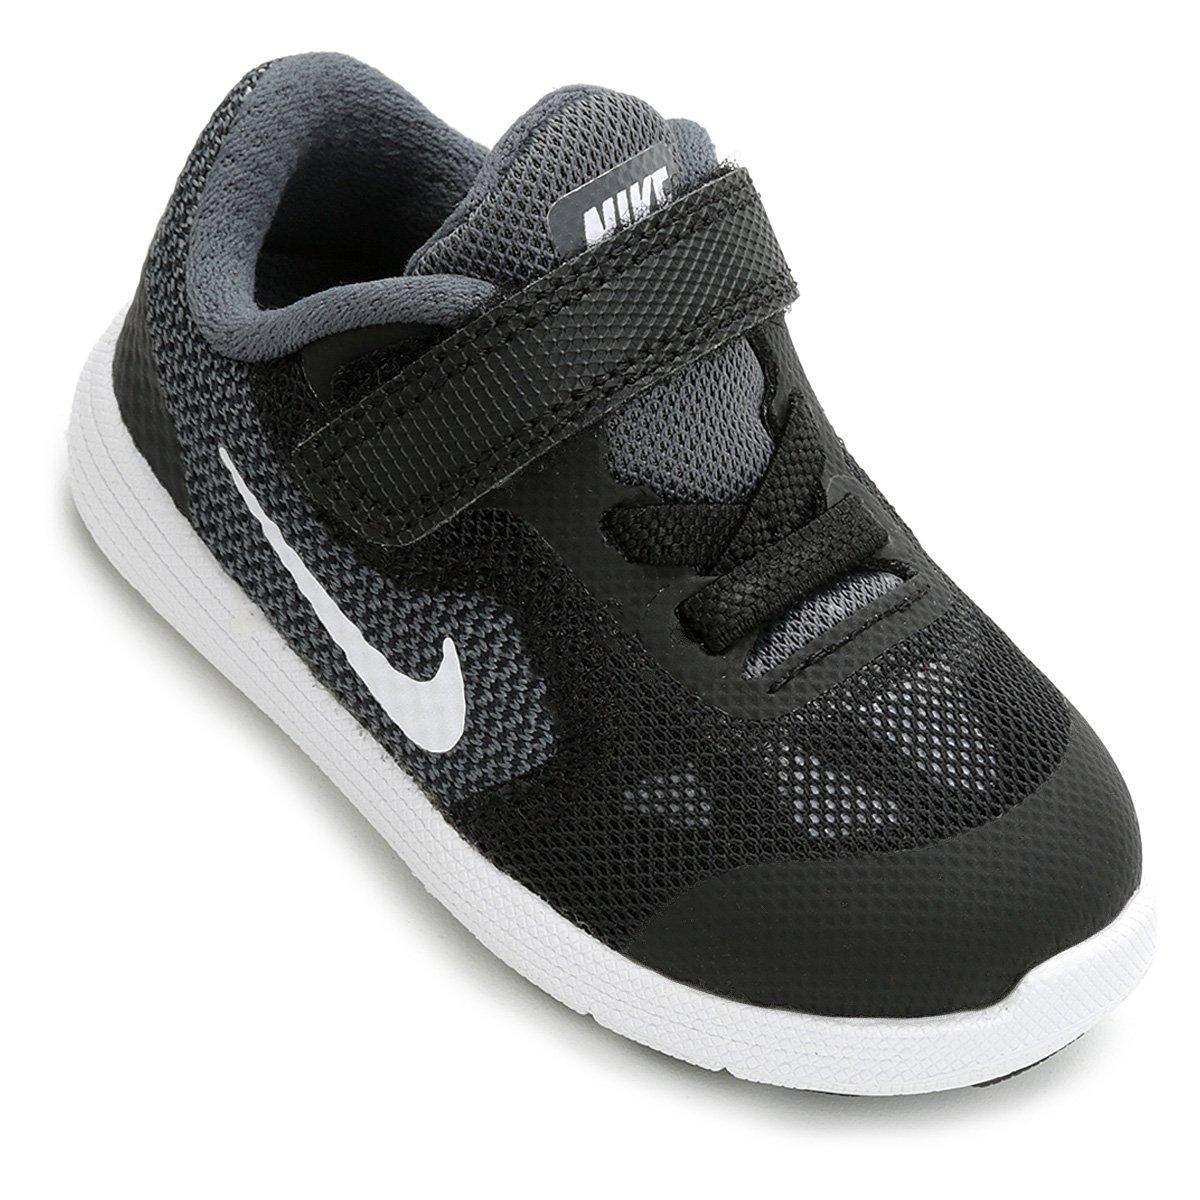 Tênis Infantil Nike Revolution 3 - Preto e Cinza - Compre Agora ... 7496fd3c02609